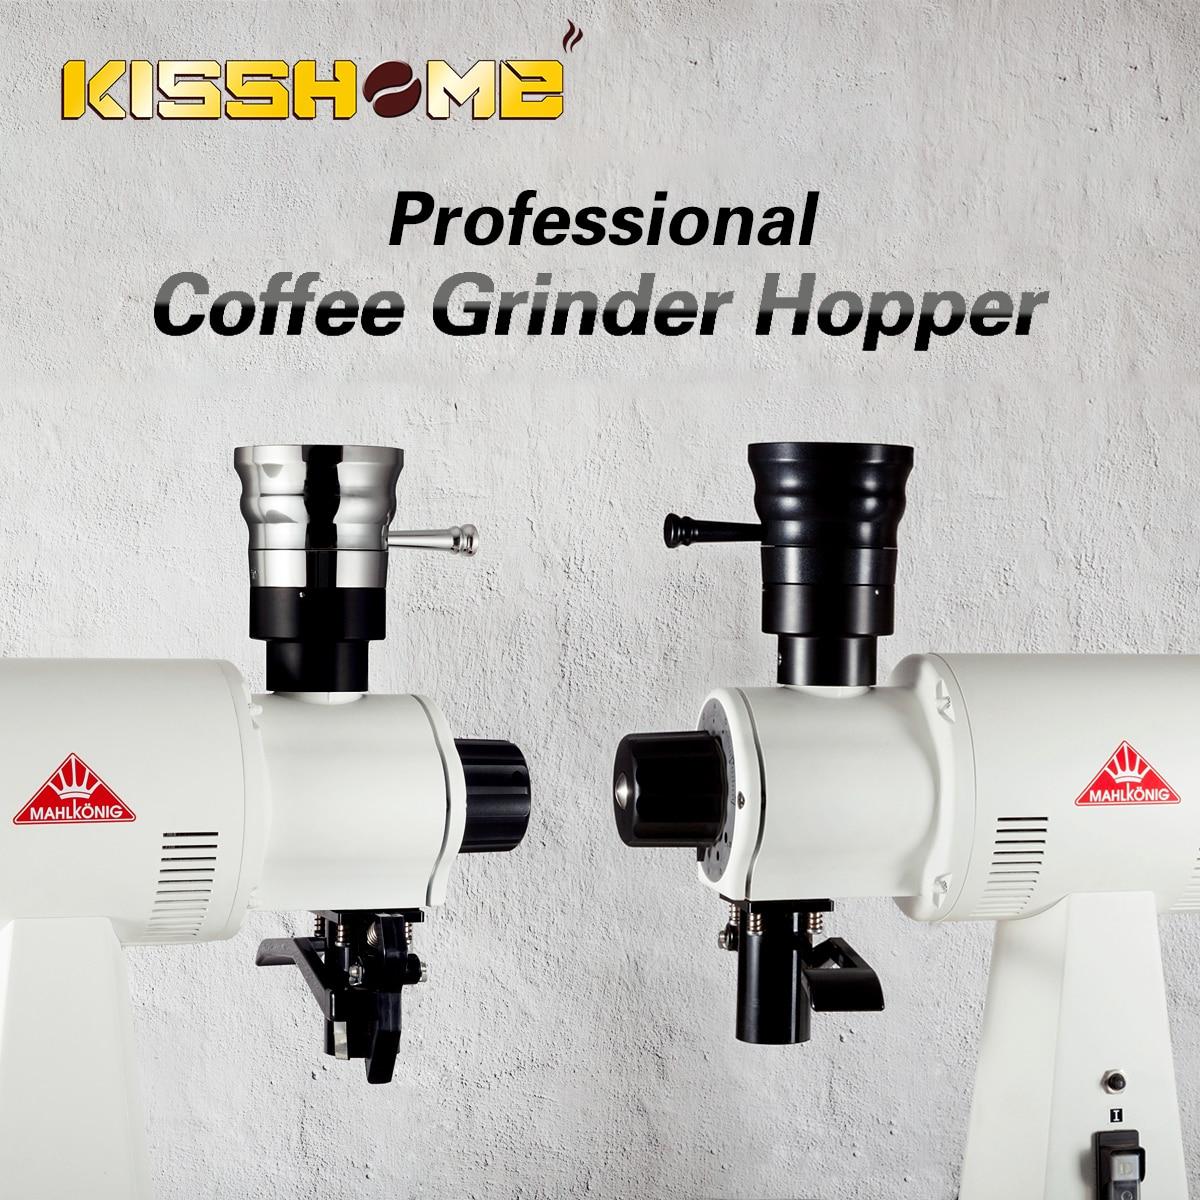 المهنية طاحونة القهوة هوبر Mahlkonig EK طاحونة اكسسوارات ل EK43/S EKK43 K30 الفولاذ المقاوم للصدأ اسبريسو ماكينة صنع القهوة